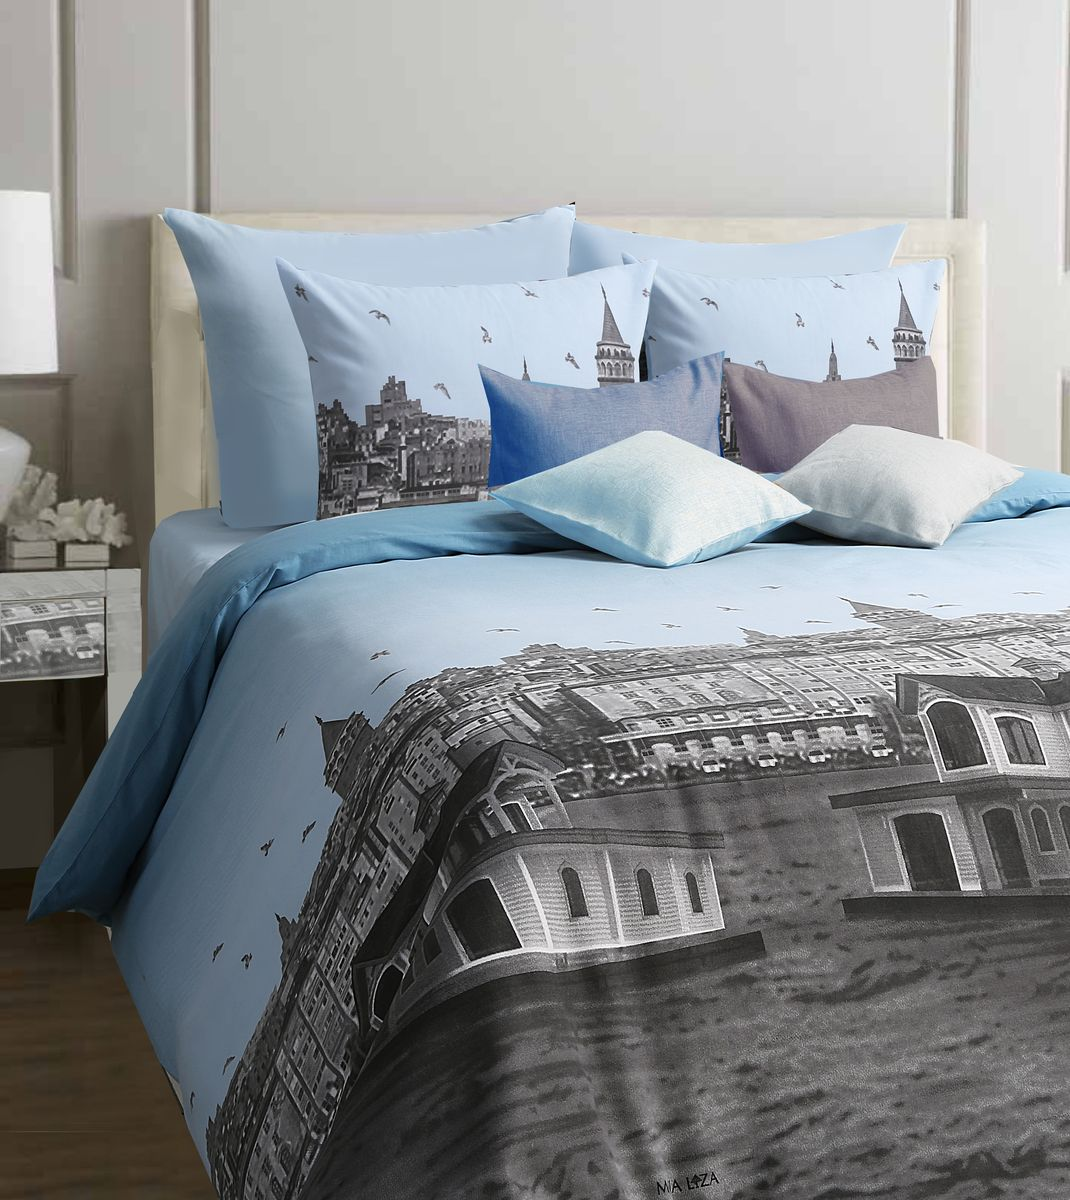 Комплект белья Mona Liza Istanbul, семейный, наволочки 70x70K100Комплект постельного белья Mona Liza Istanbul, выполненный из бязи (100% хлопок), состоит из двух пододеяльников, простыни и двух наволочек. Изделия оформлены оригинальным рисунком.Пододеяльник на пуговицах.Бязь - ткань полотняного переплетения с незначительной сминаемостью, хорошо сохраняющая цвет при стирке, легкая, с прекрасными гигиеническими показателями. Такой комплект подойдет для любого стилевого и цветового решения интерьера, а также создаст в доме уют.